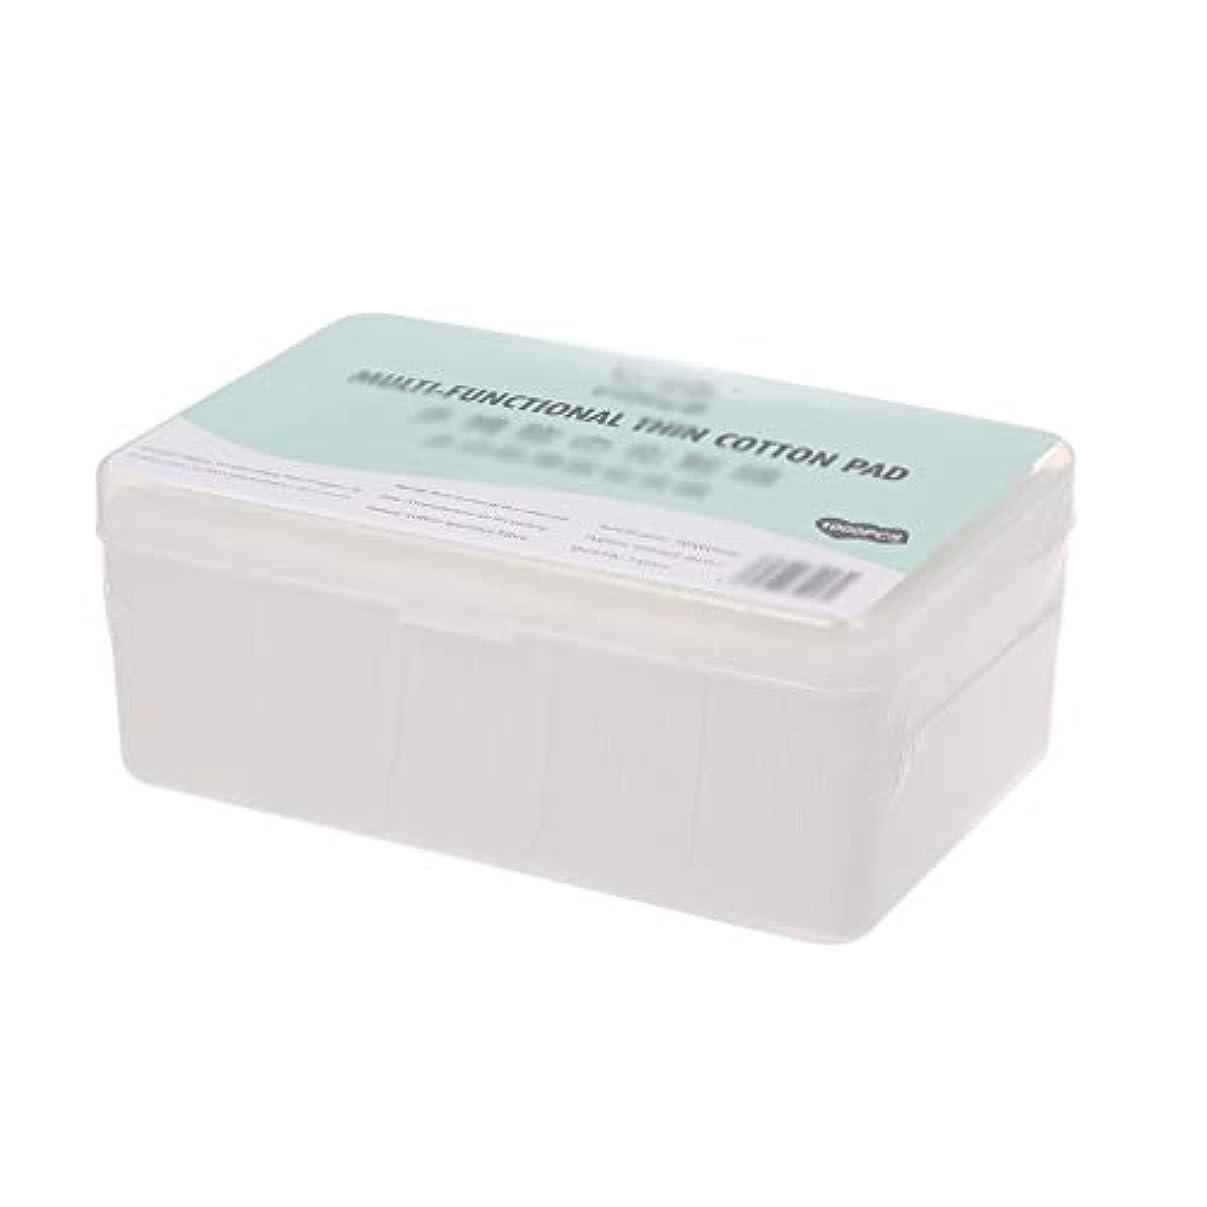 カカドゥ財産糸クレンジングシート 1000ピース箱入り使い捨て超薄型コットンメイク落としネイルポリッシュリムーバークレンジングティッシュペーパーペーパー (Color : White, サイズ : 5*6cm)